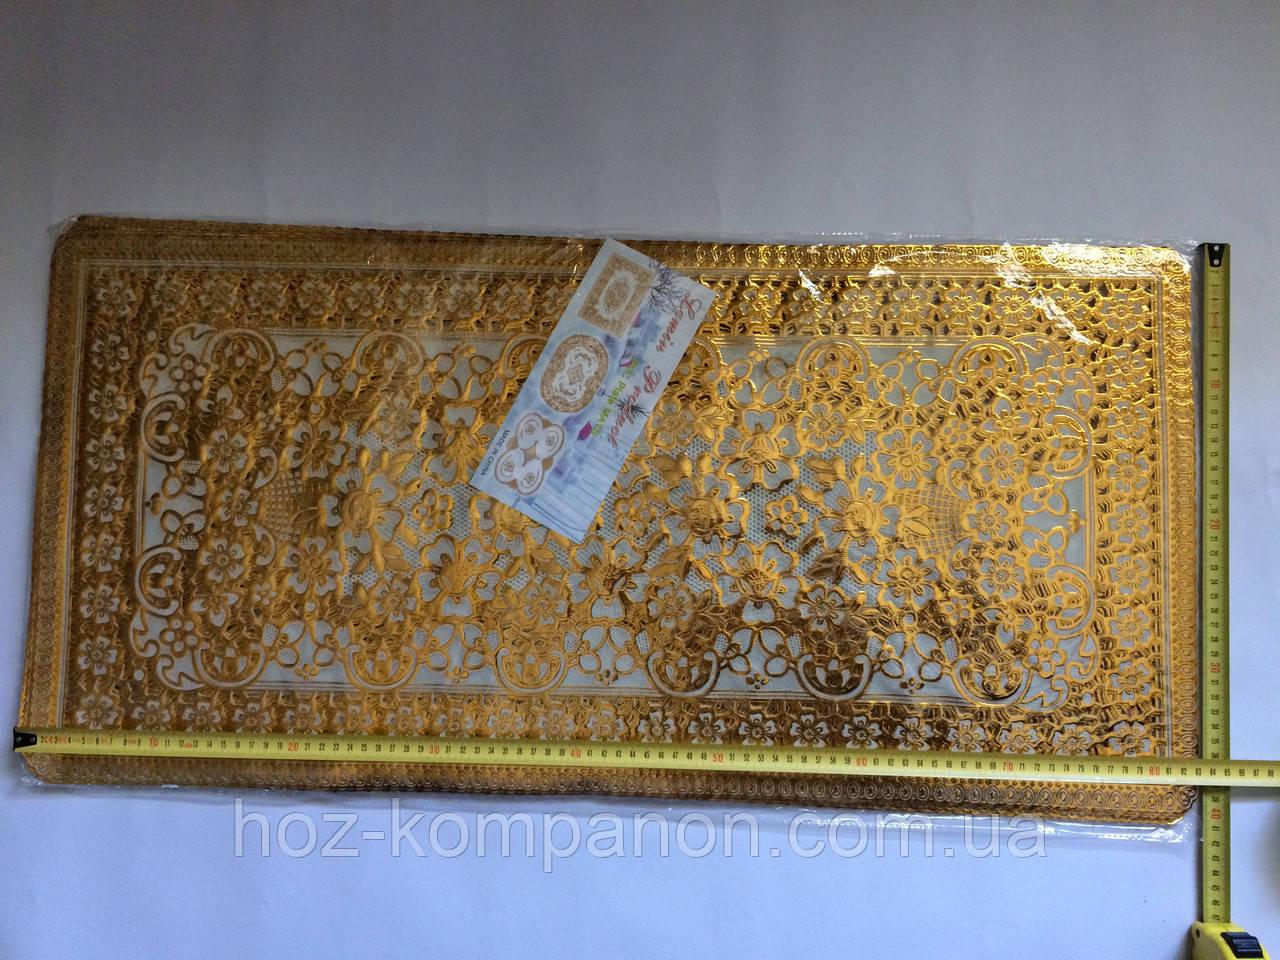 Подставка для сервировки стола 82*40 см золото.